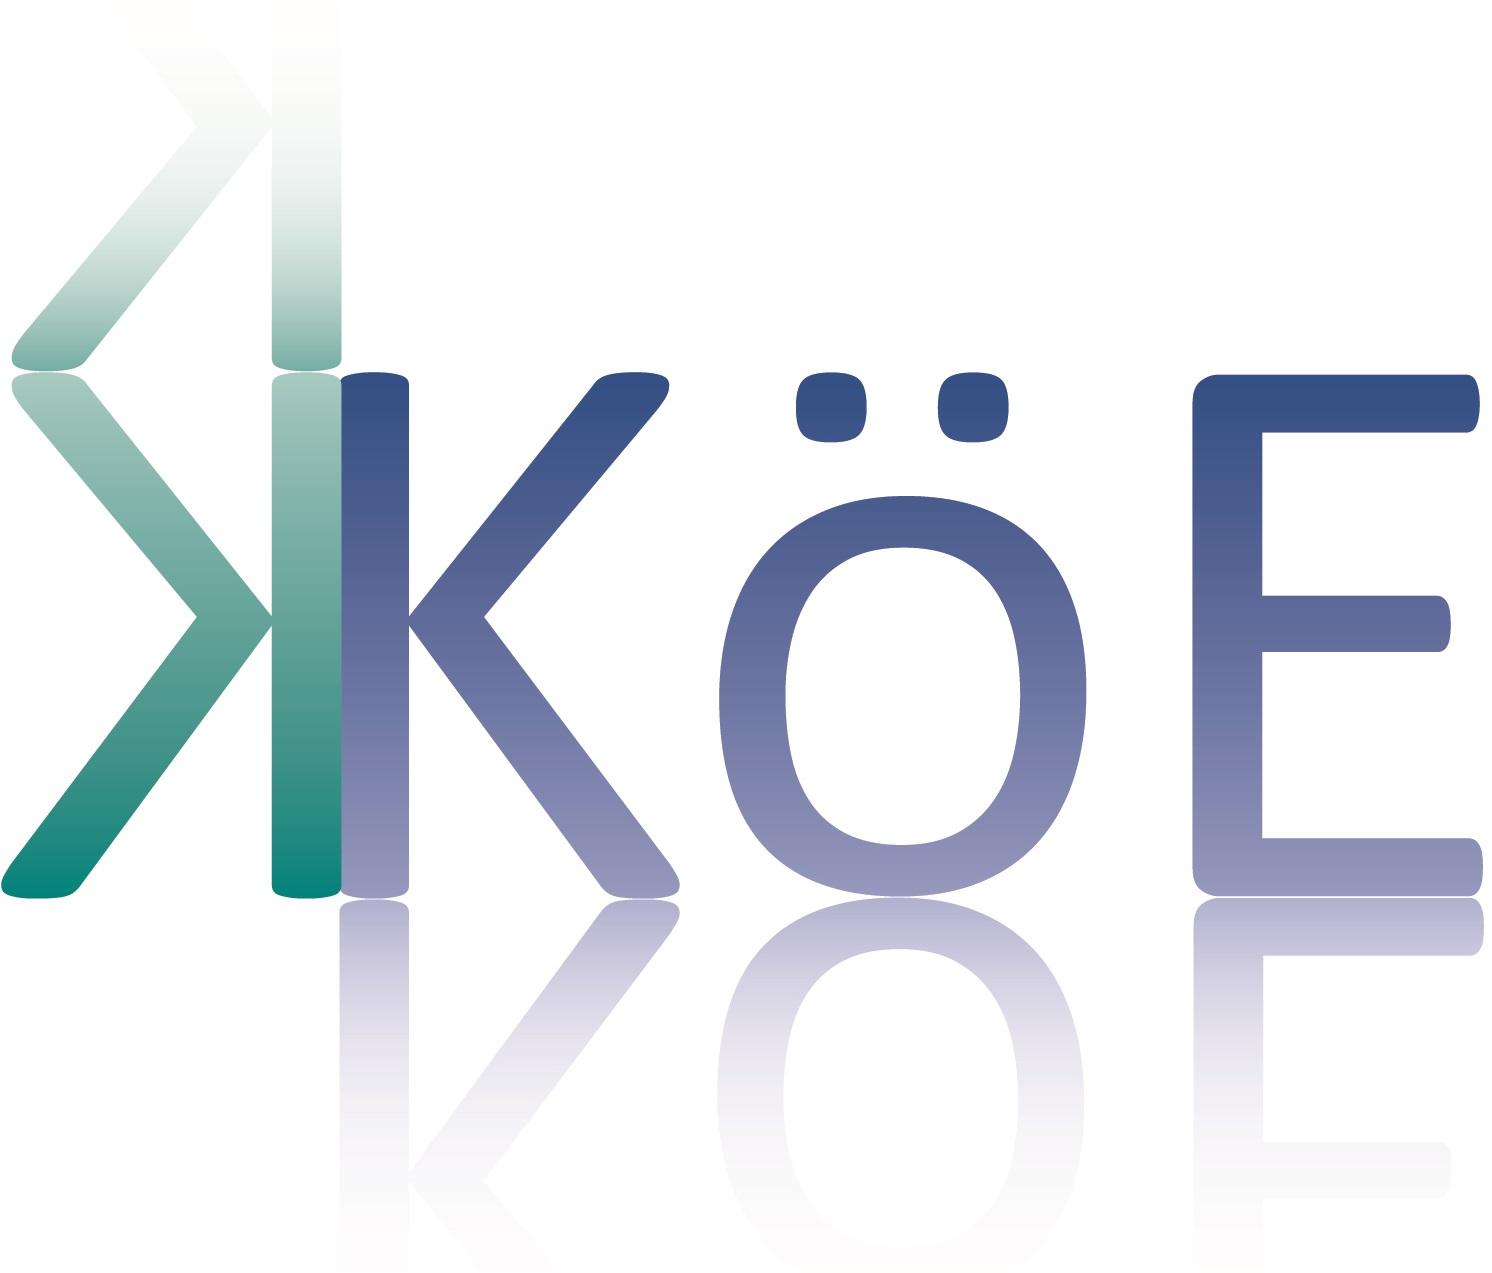 Die Grafik zeigt das Logo des LOEWE-Schwerpunkts.